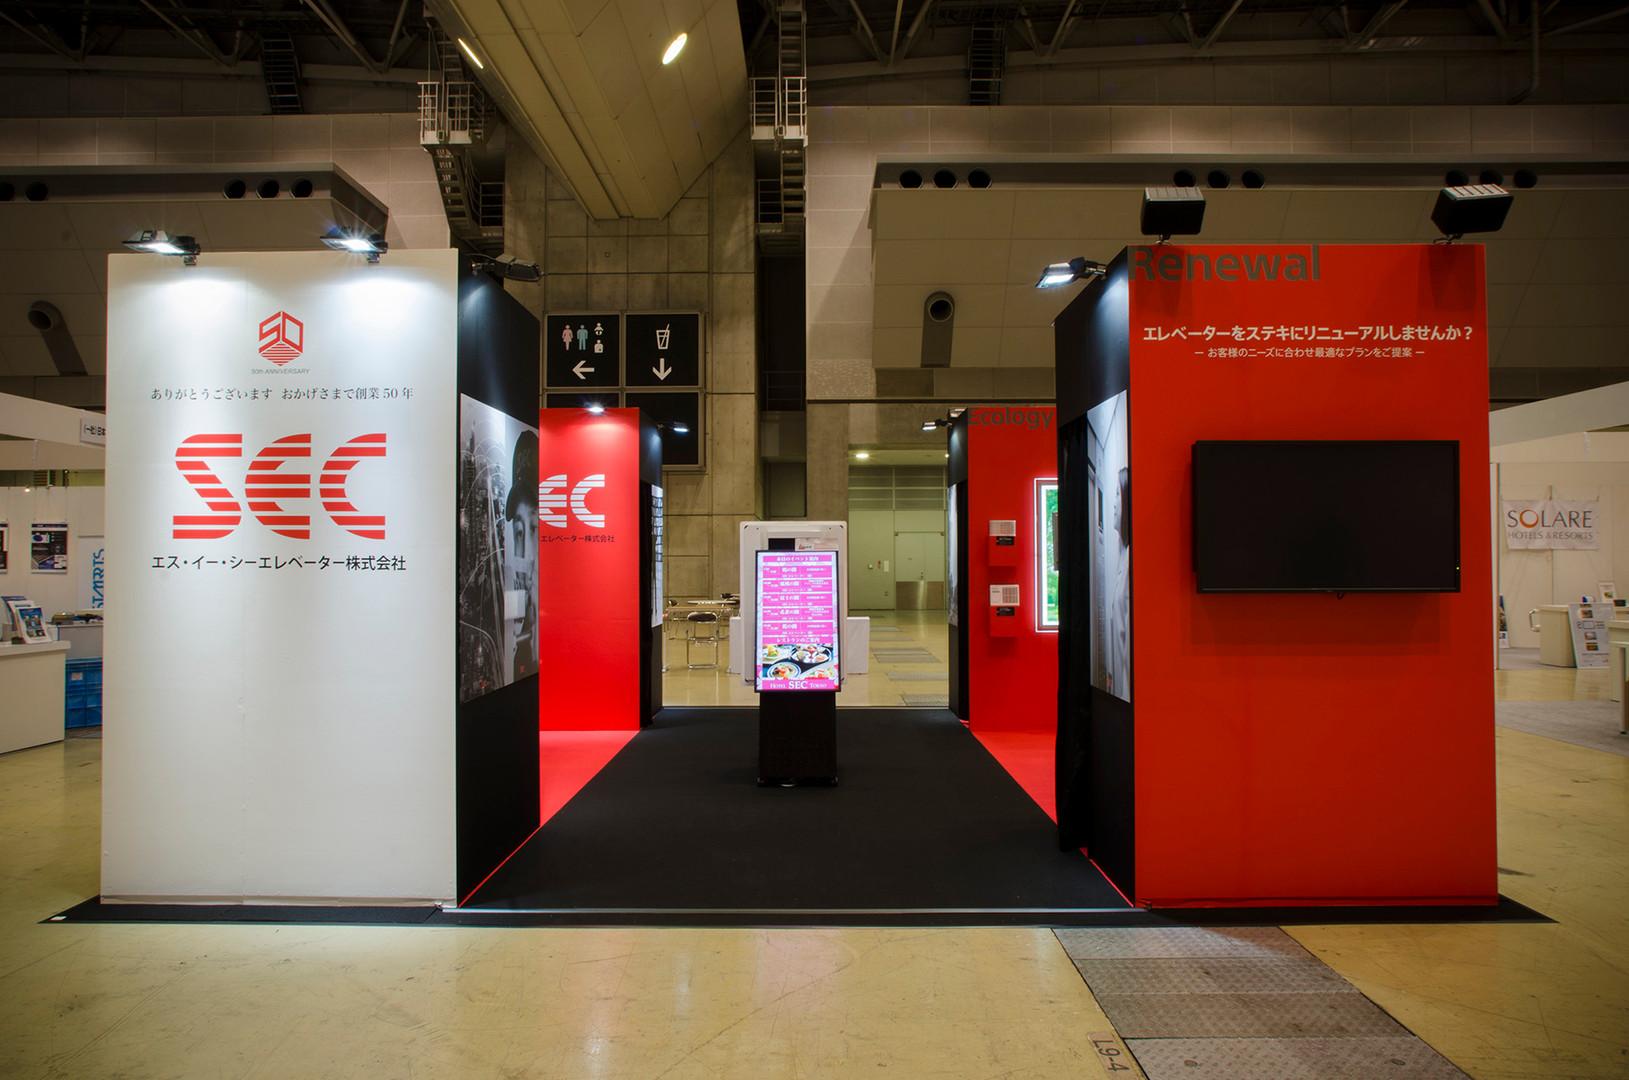 不動産ソリューションフェア2017 SEC Elevator Booth